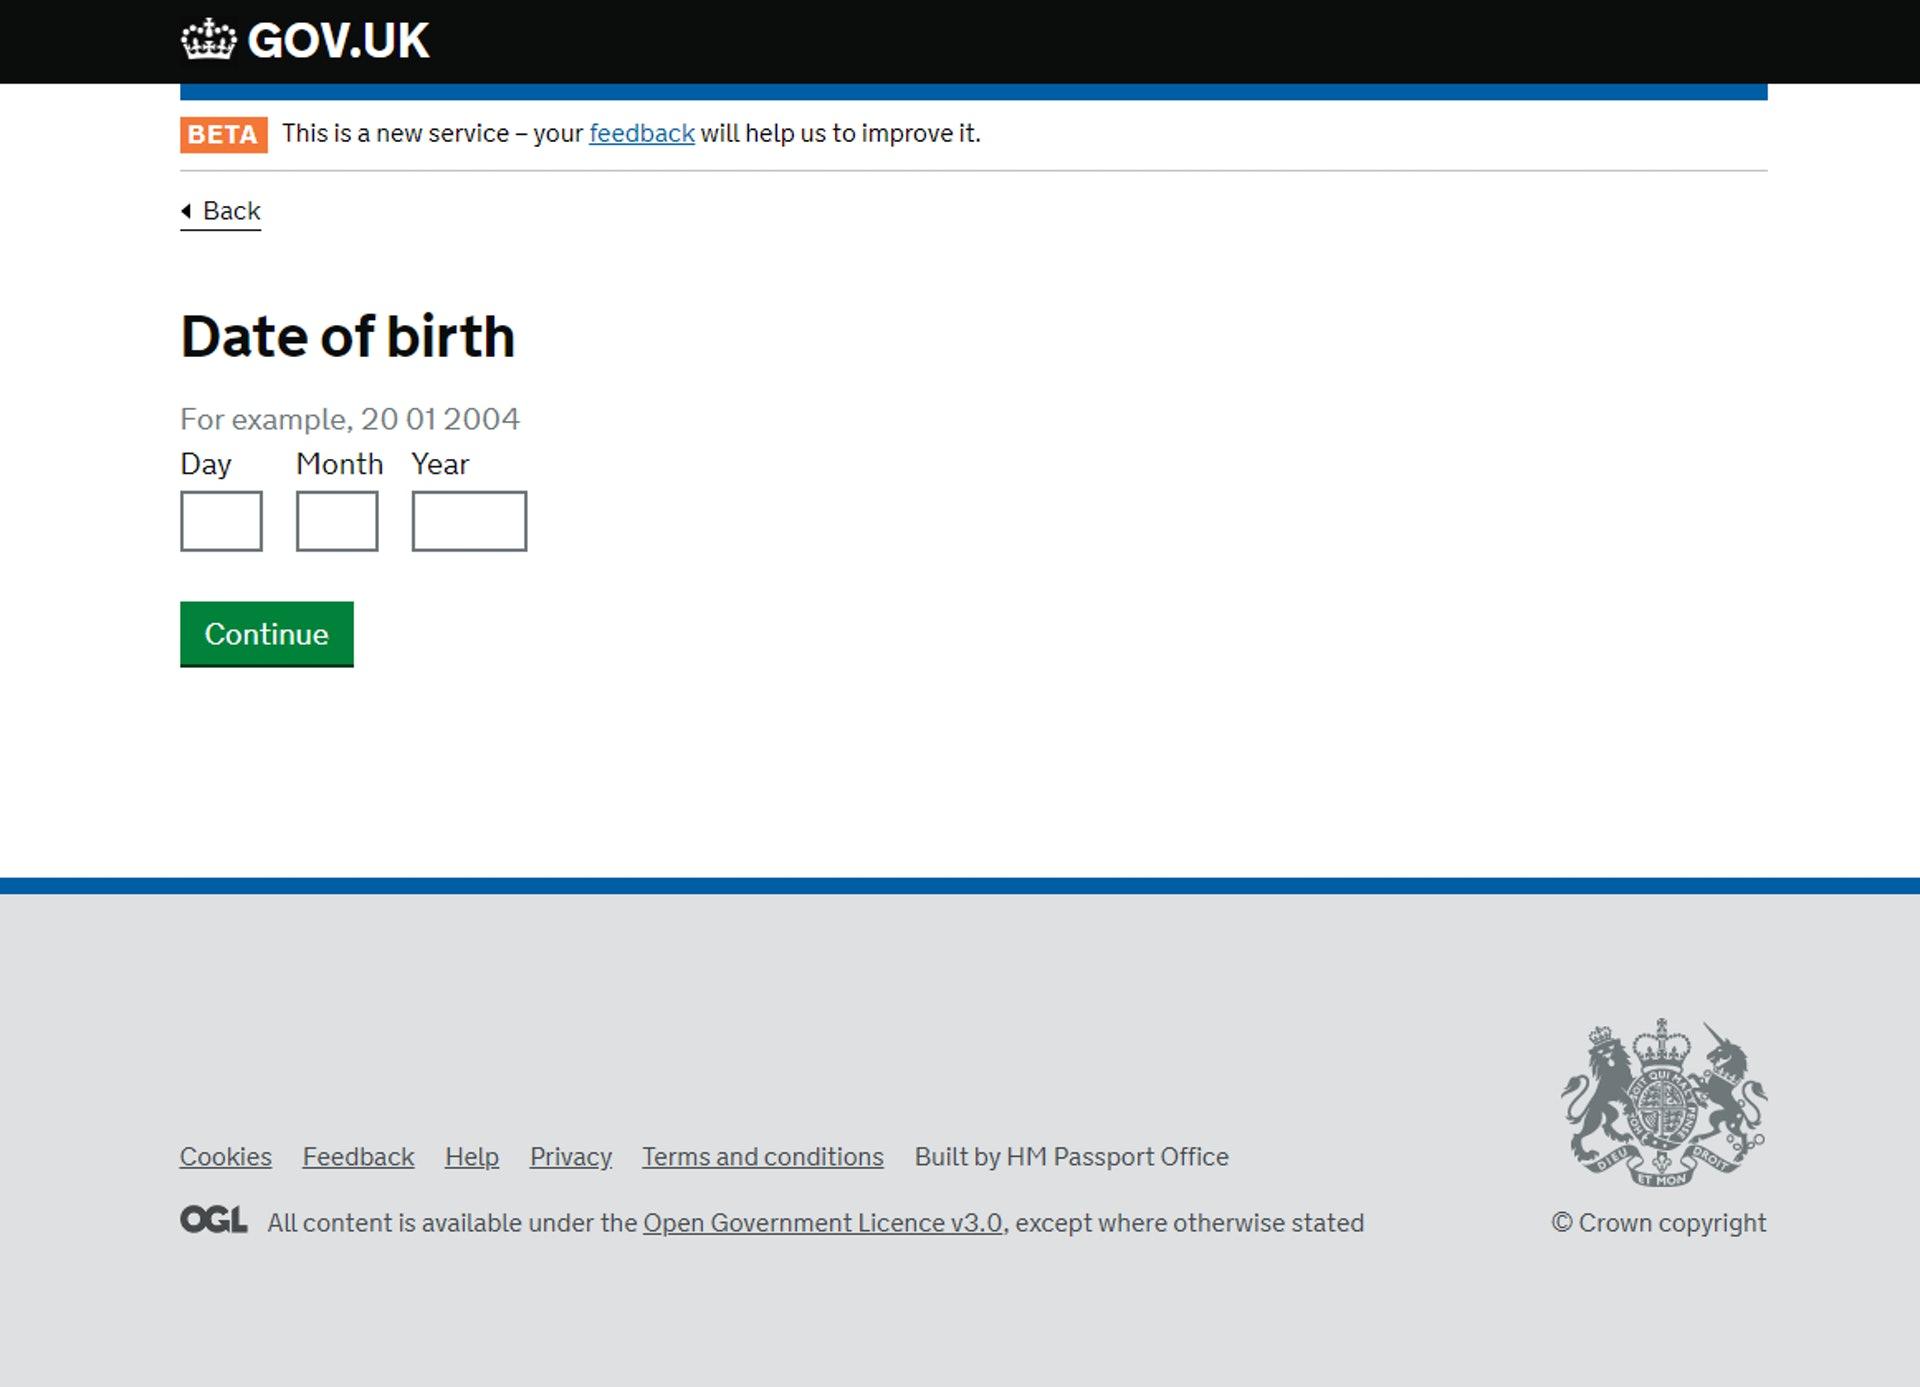 「生日日期,日/月/年」(GOV.UK 網站截圖)